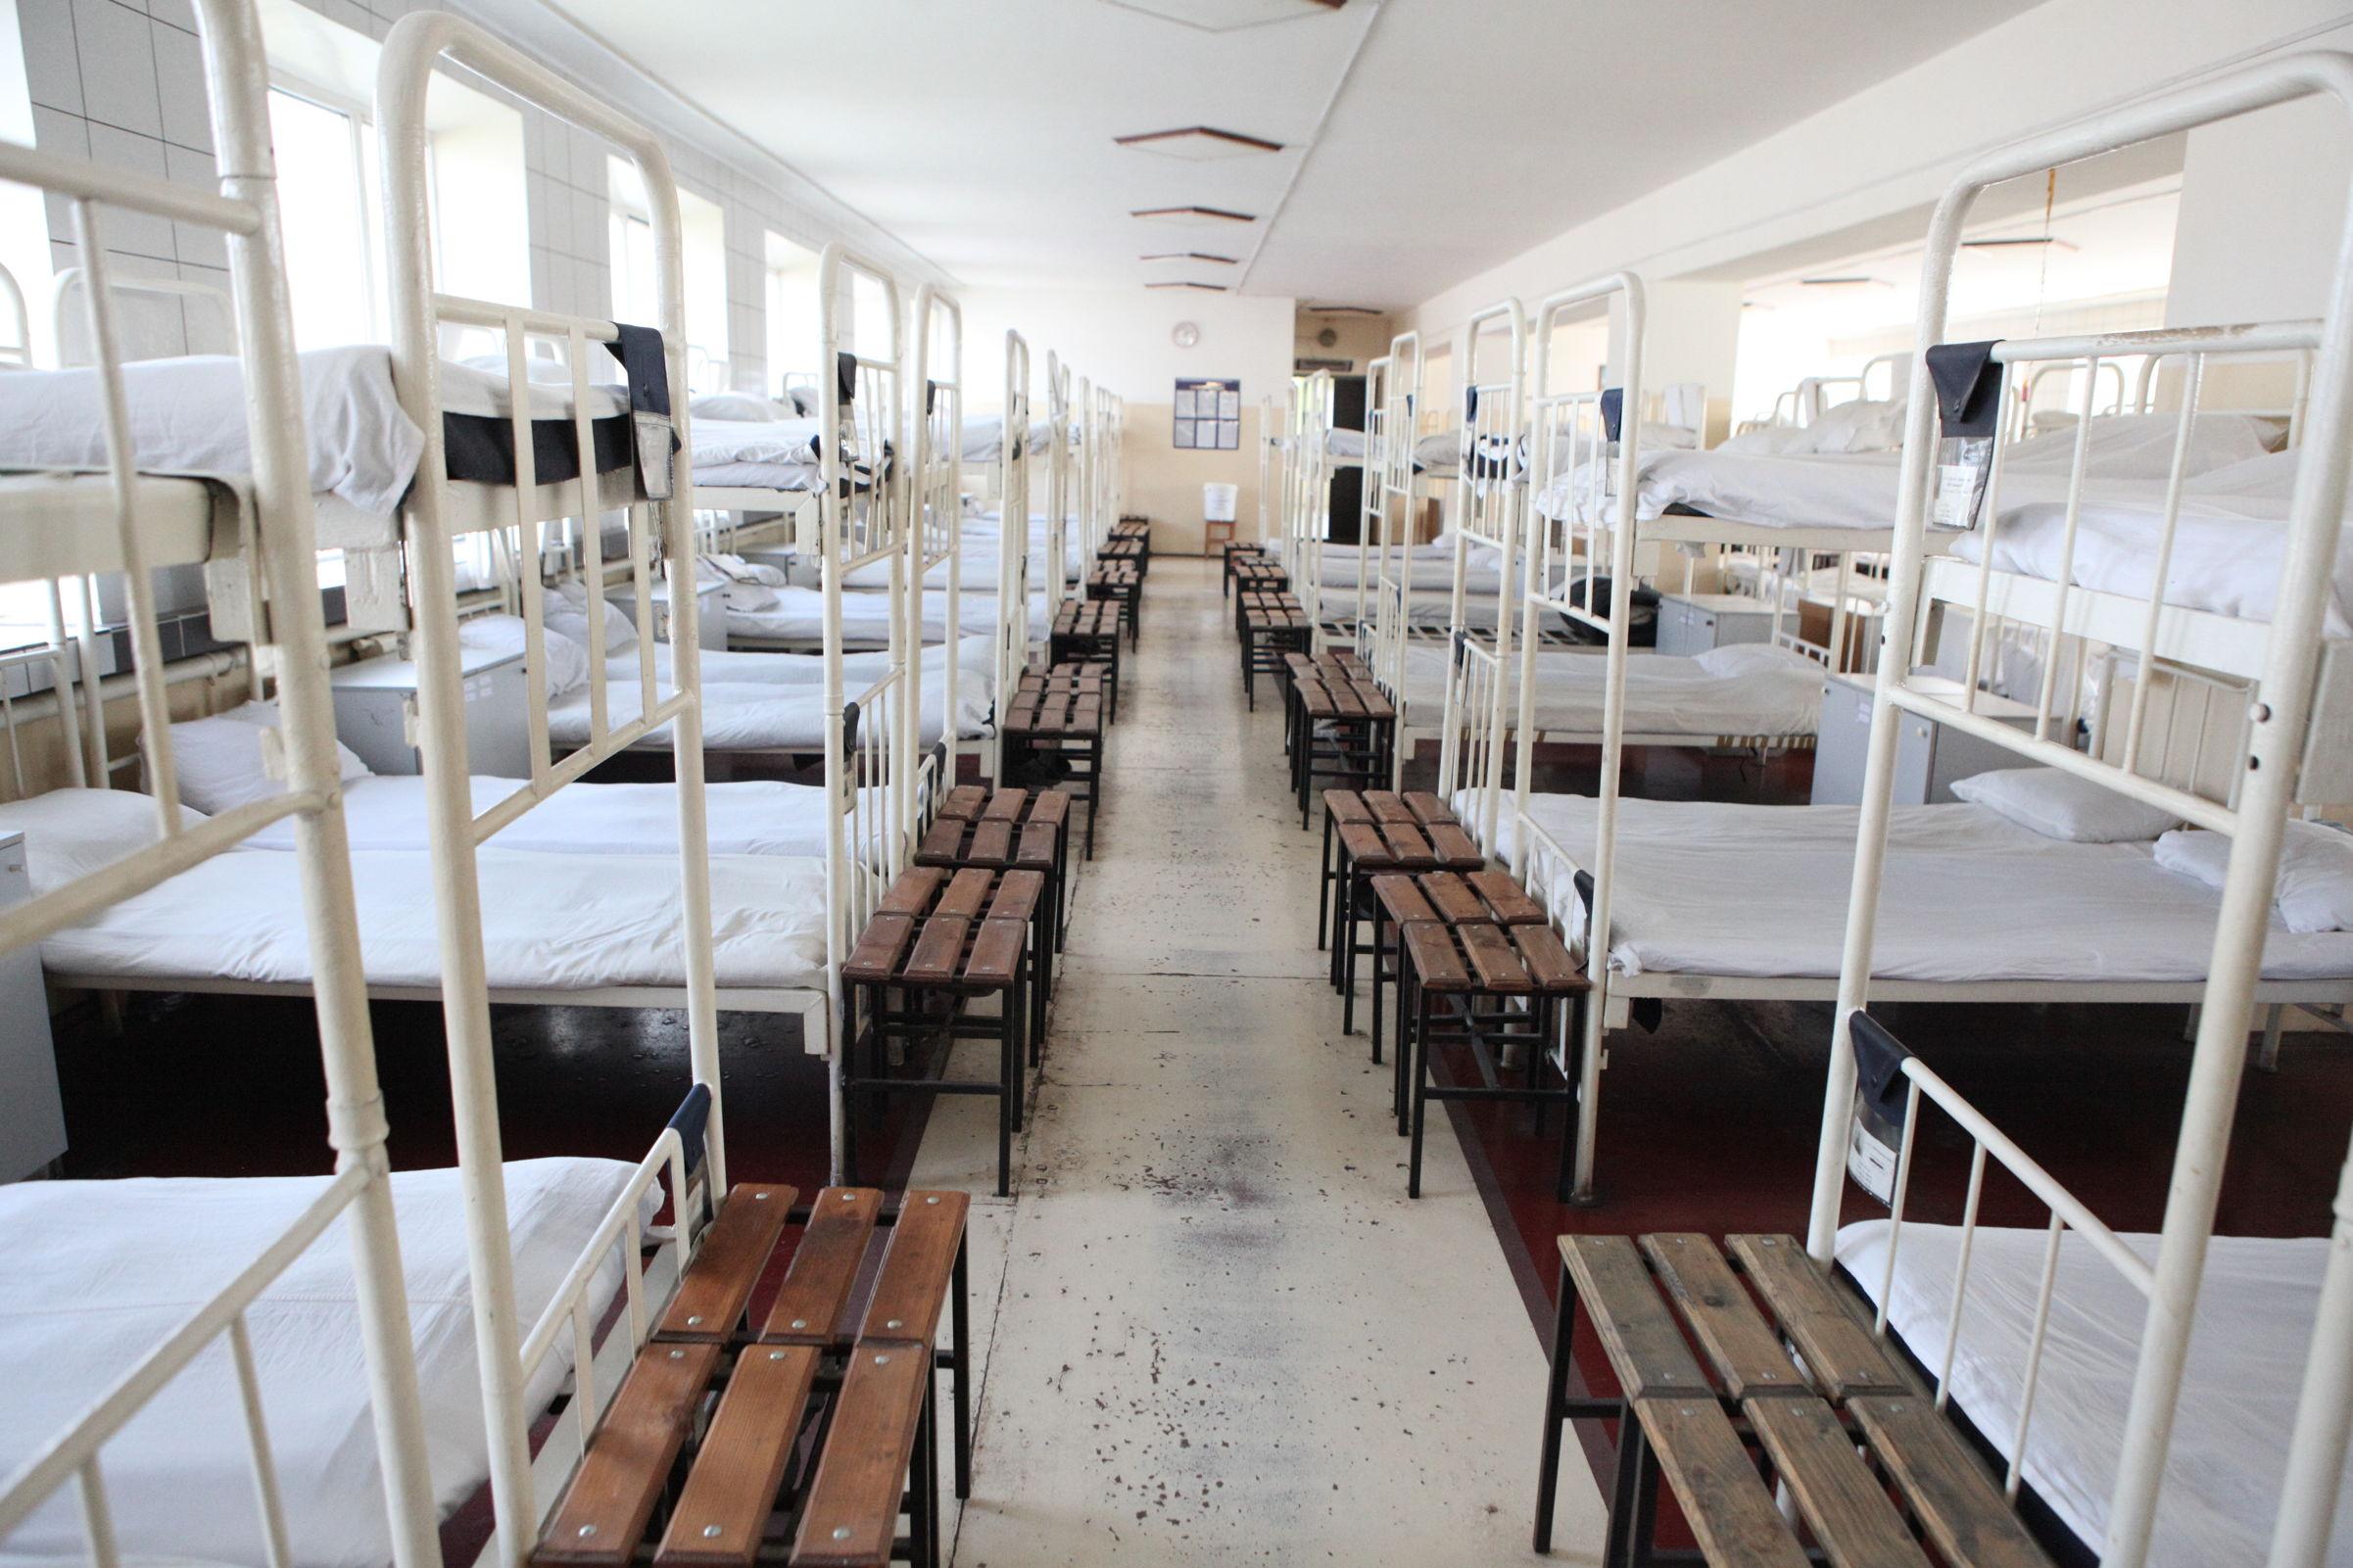 В ярославской колонии шьют одежду и разводят свиней – фоторепортаж